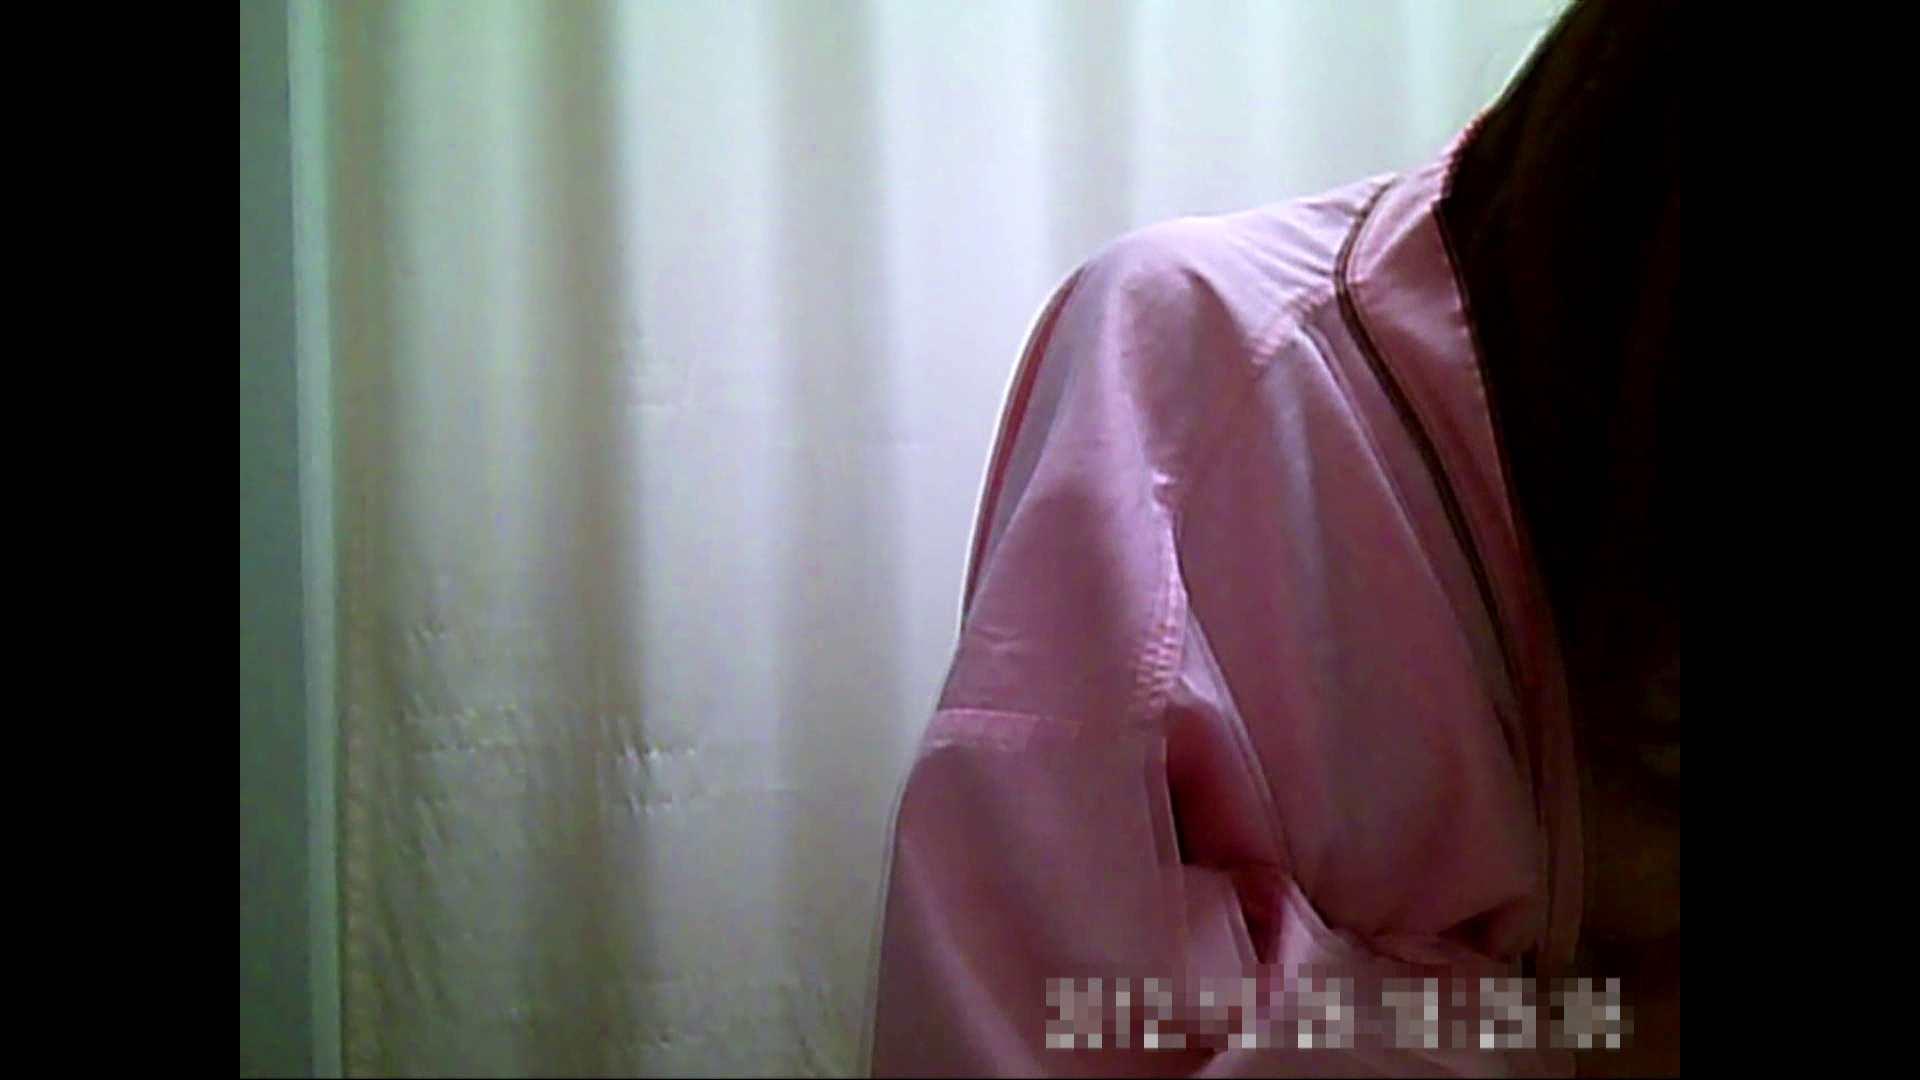 元医者による反抗 更衣室地獄絵巻 vol.112 OLの実態 | 0  72pic 71